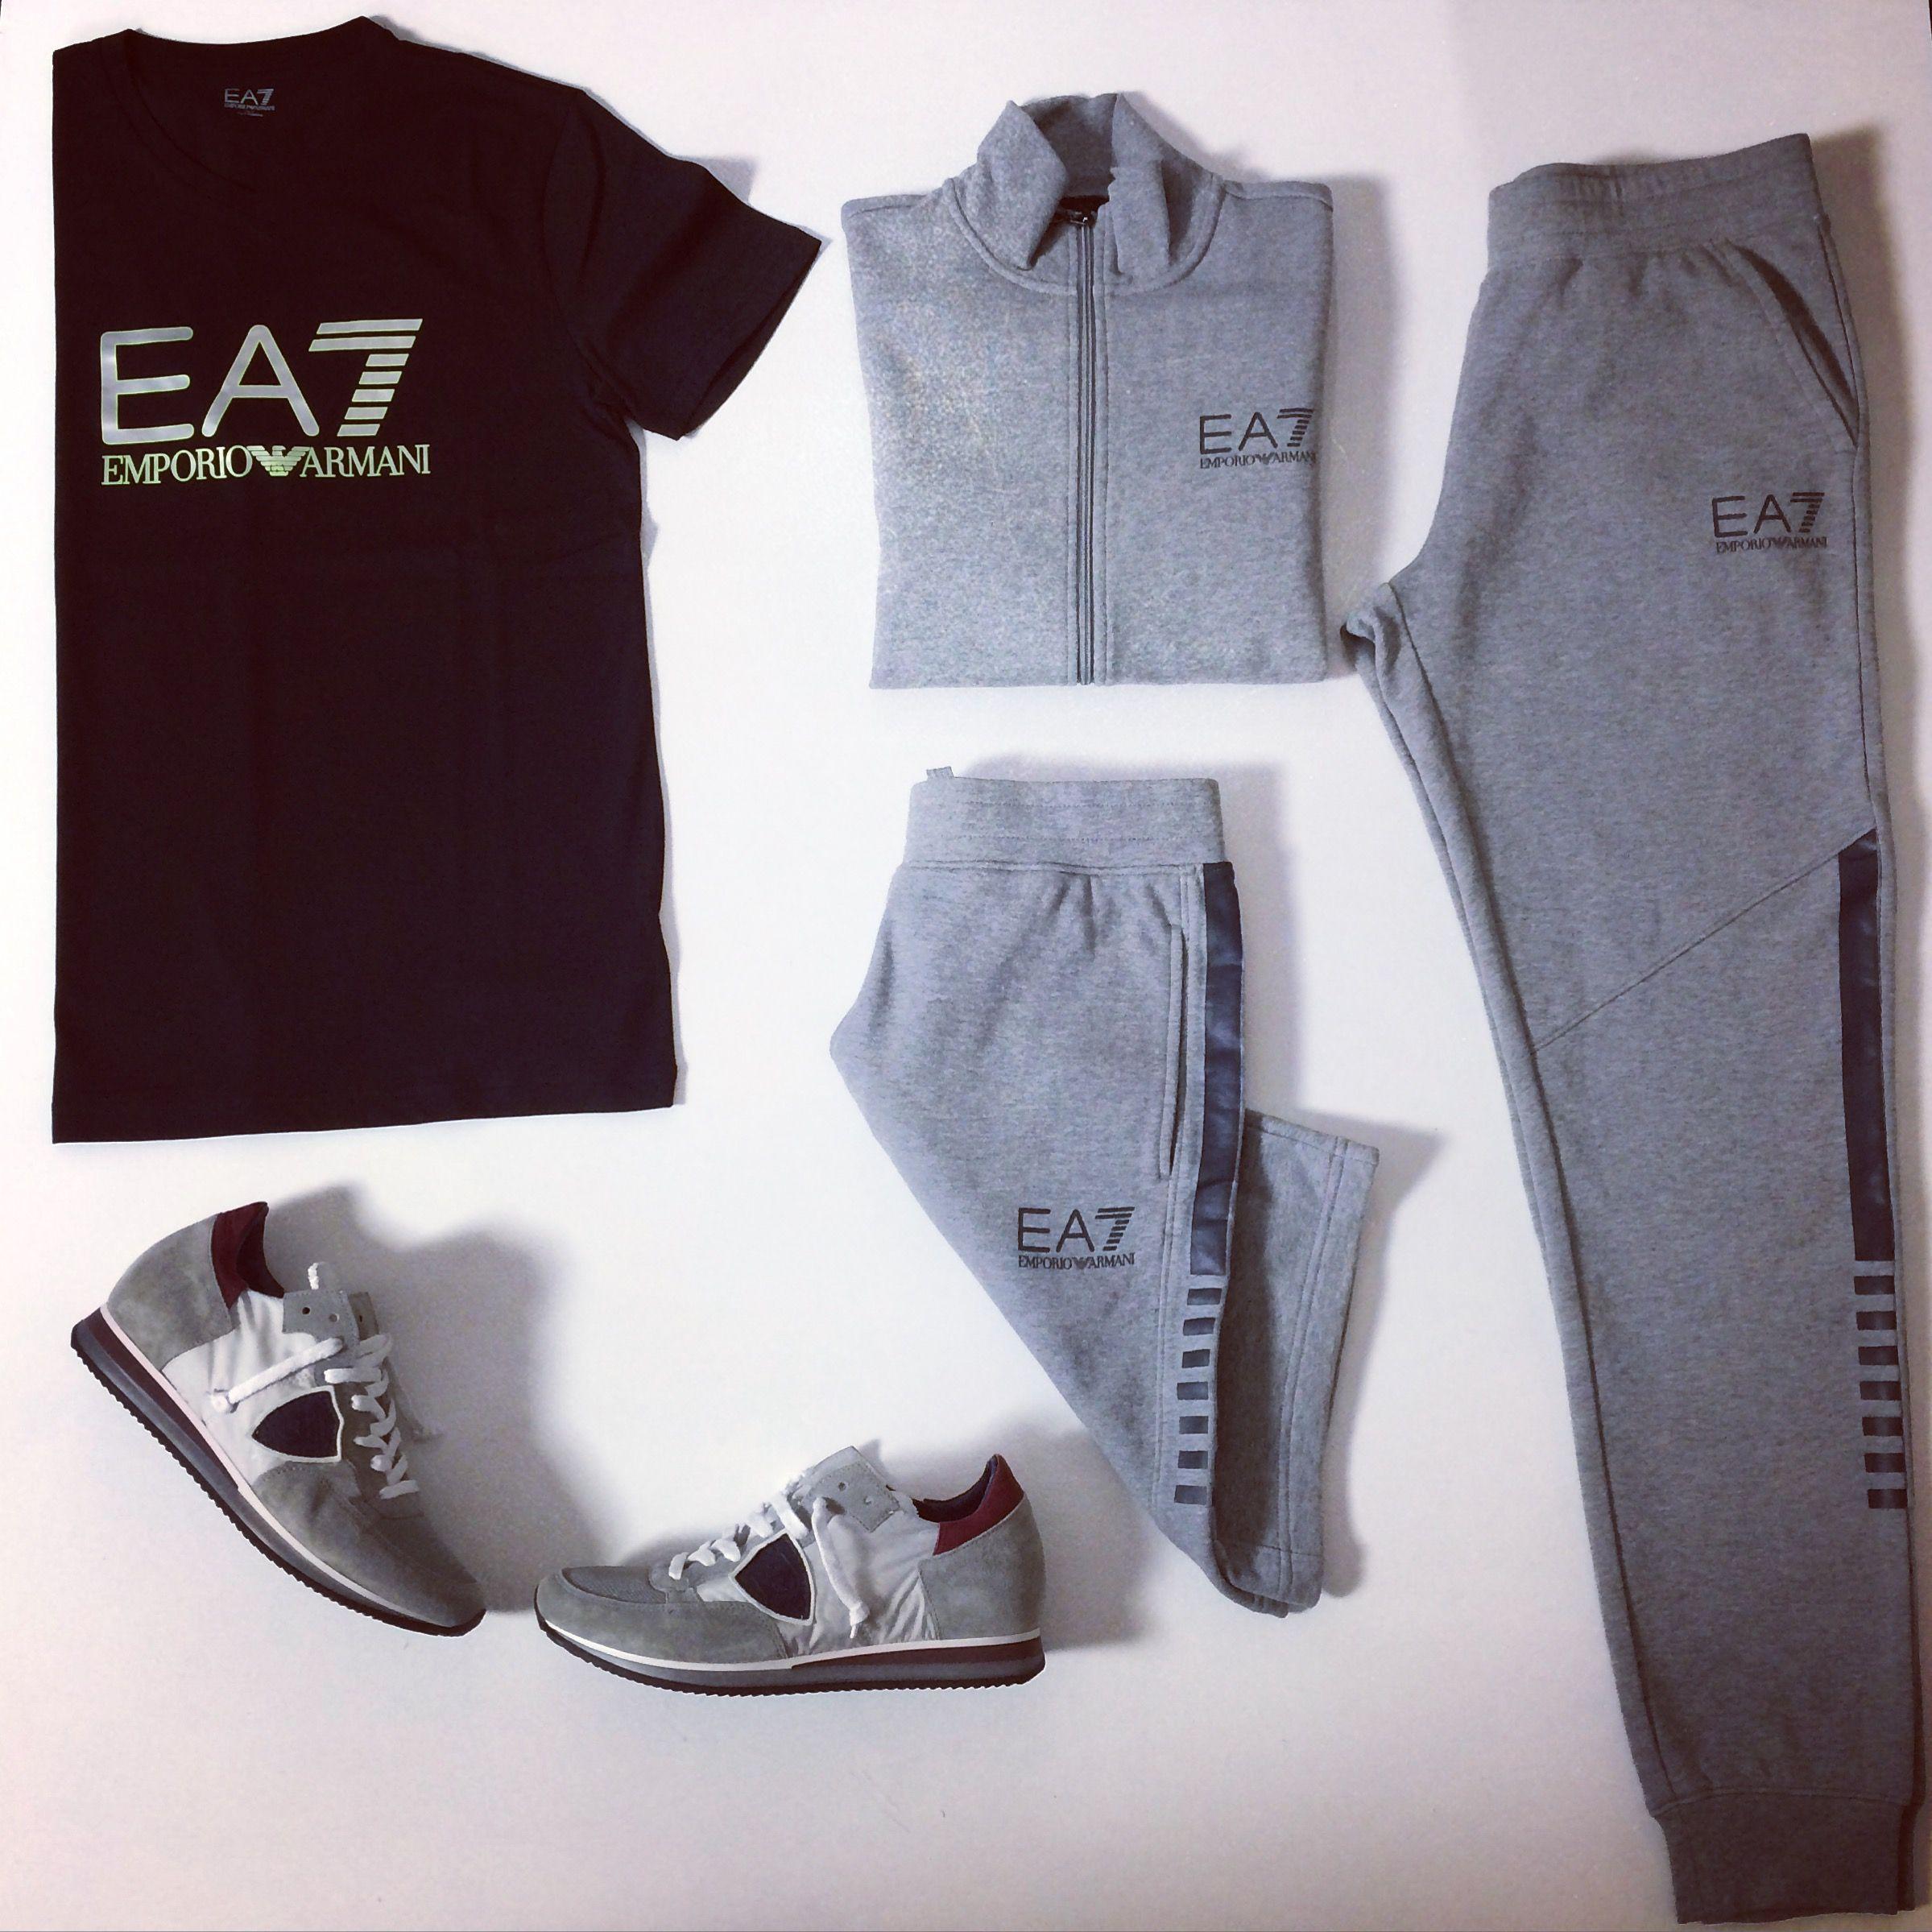 De perfecte outfit voor een heerlijk dagje thuis met EA7! | Wellens Men